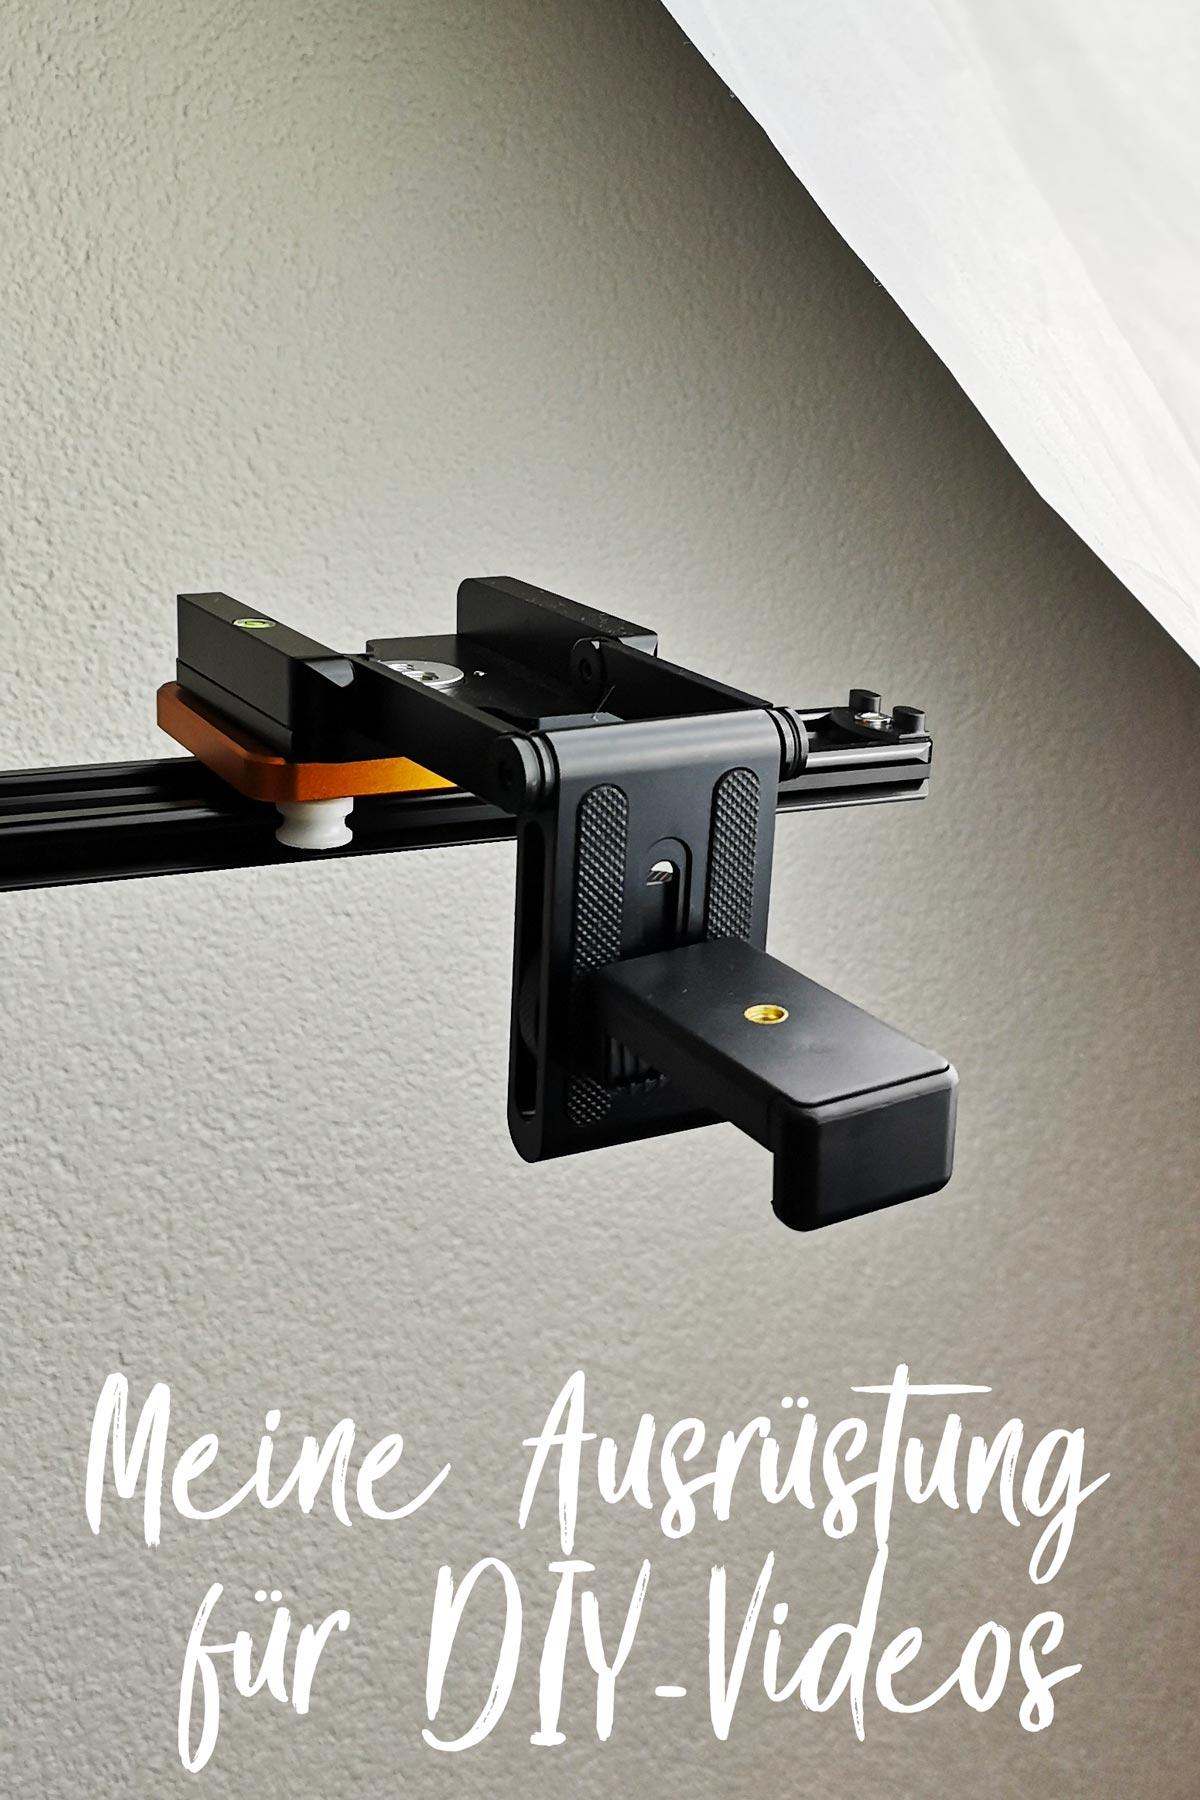 Meine Video-Aufbau: die Klemmhalterung vom einem kleinen Smartphone-Stativ an einen Z-Schwenkkopf schrauben